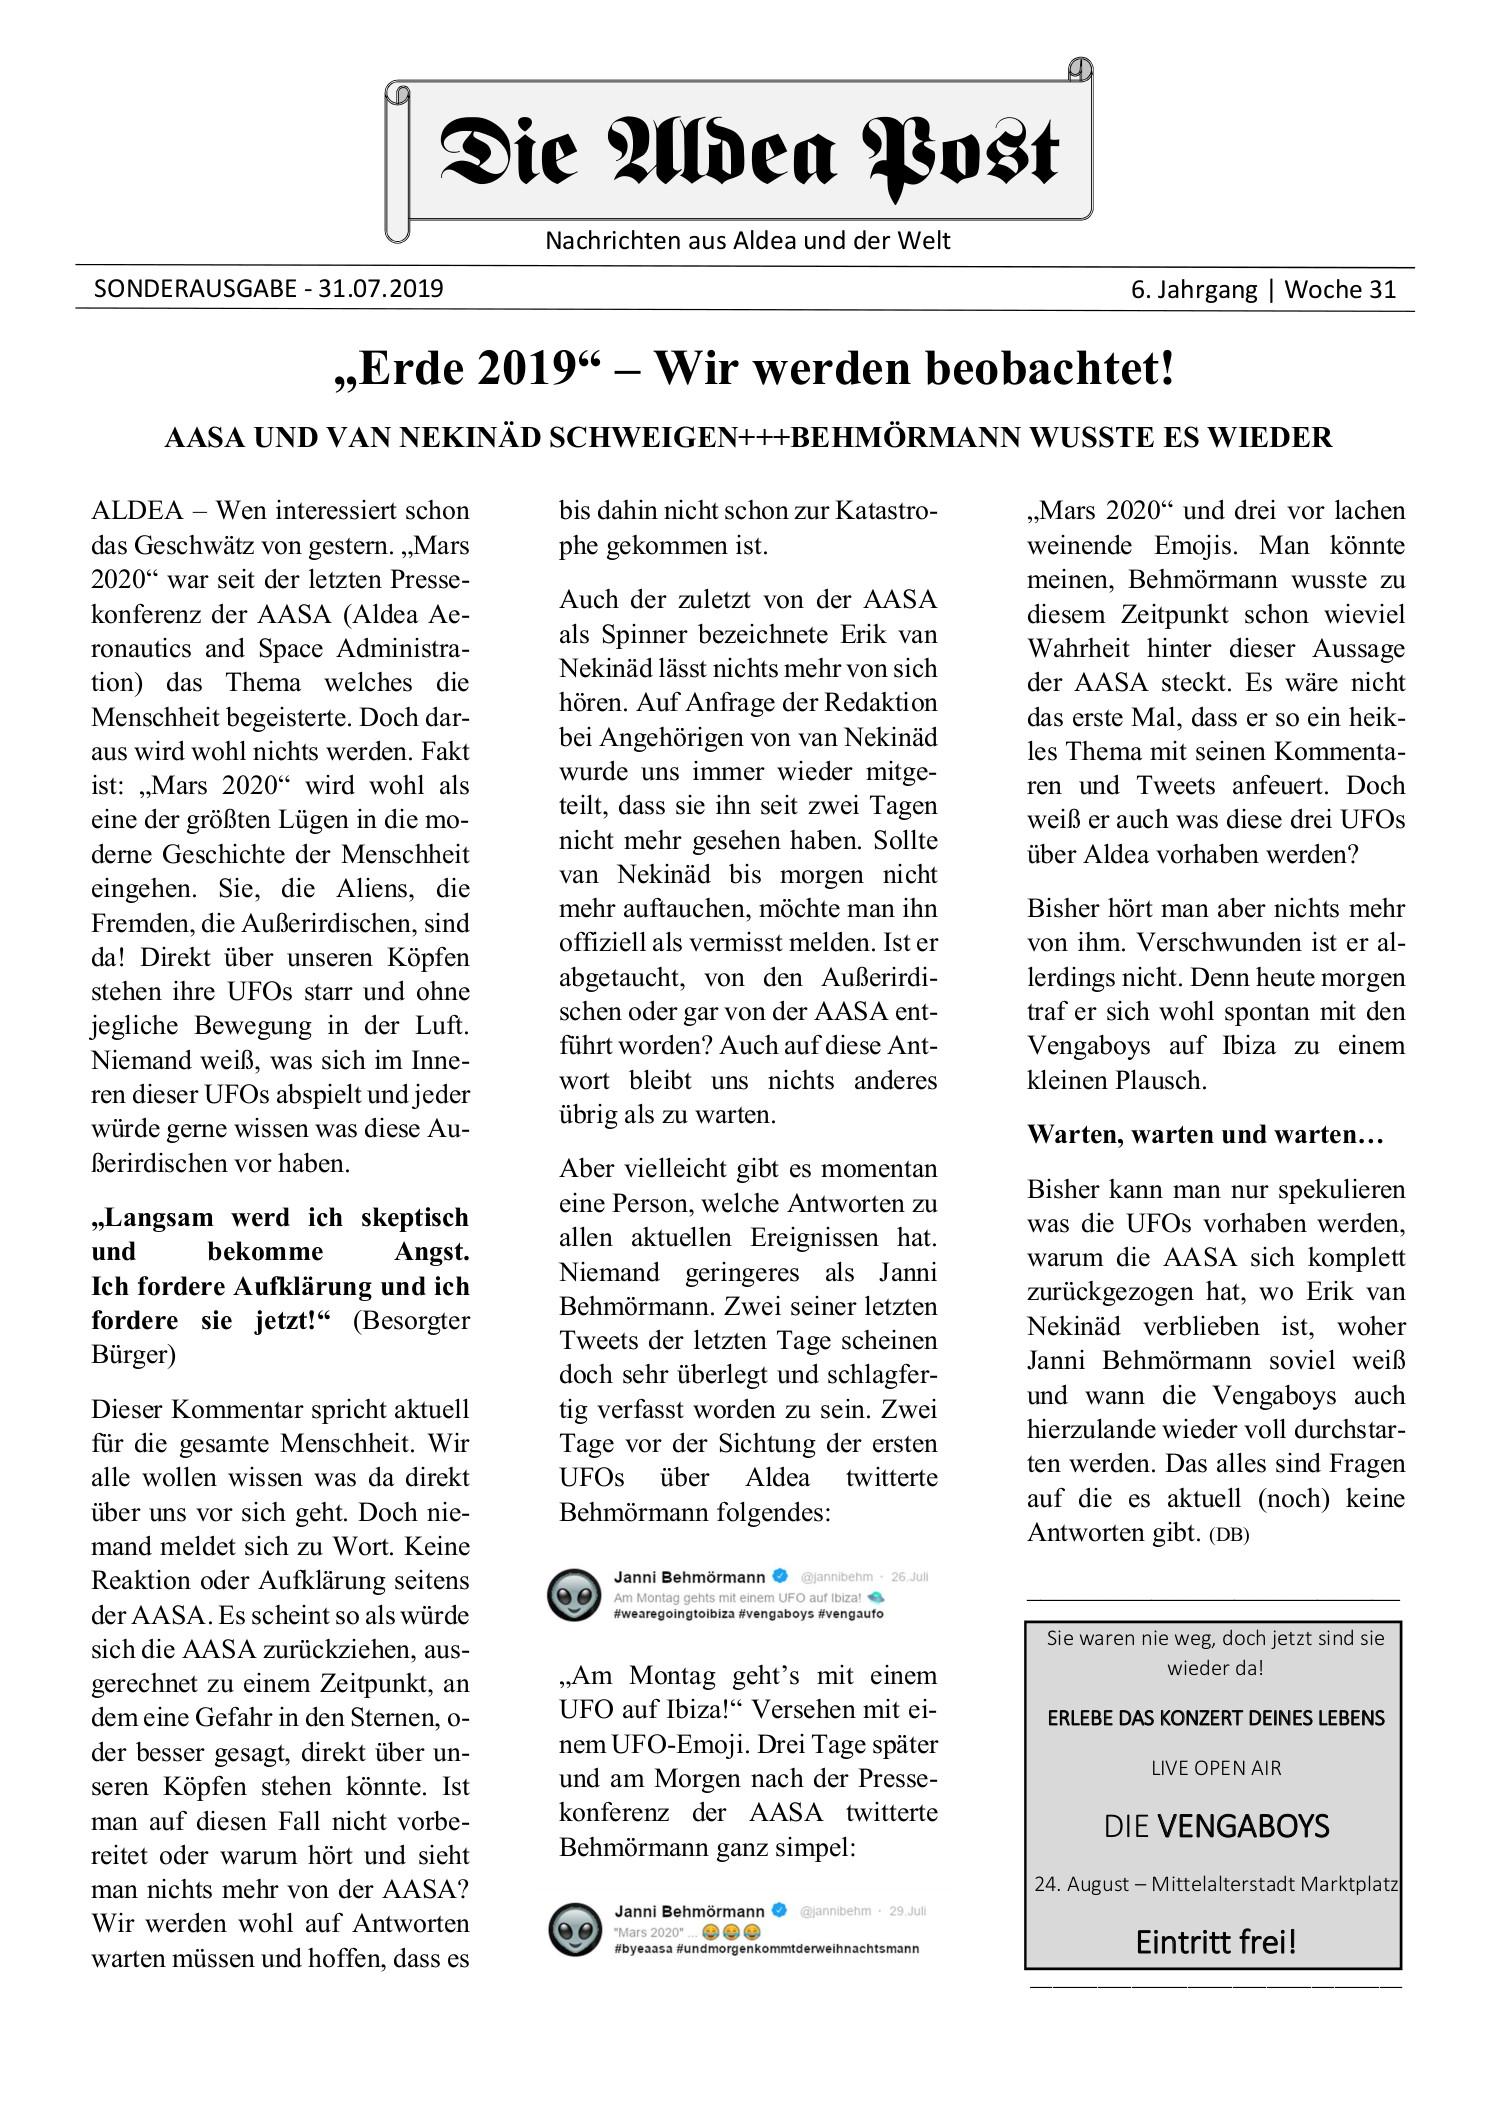 Die Aldea Post - Sonderausgabe 2.jpg